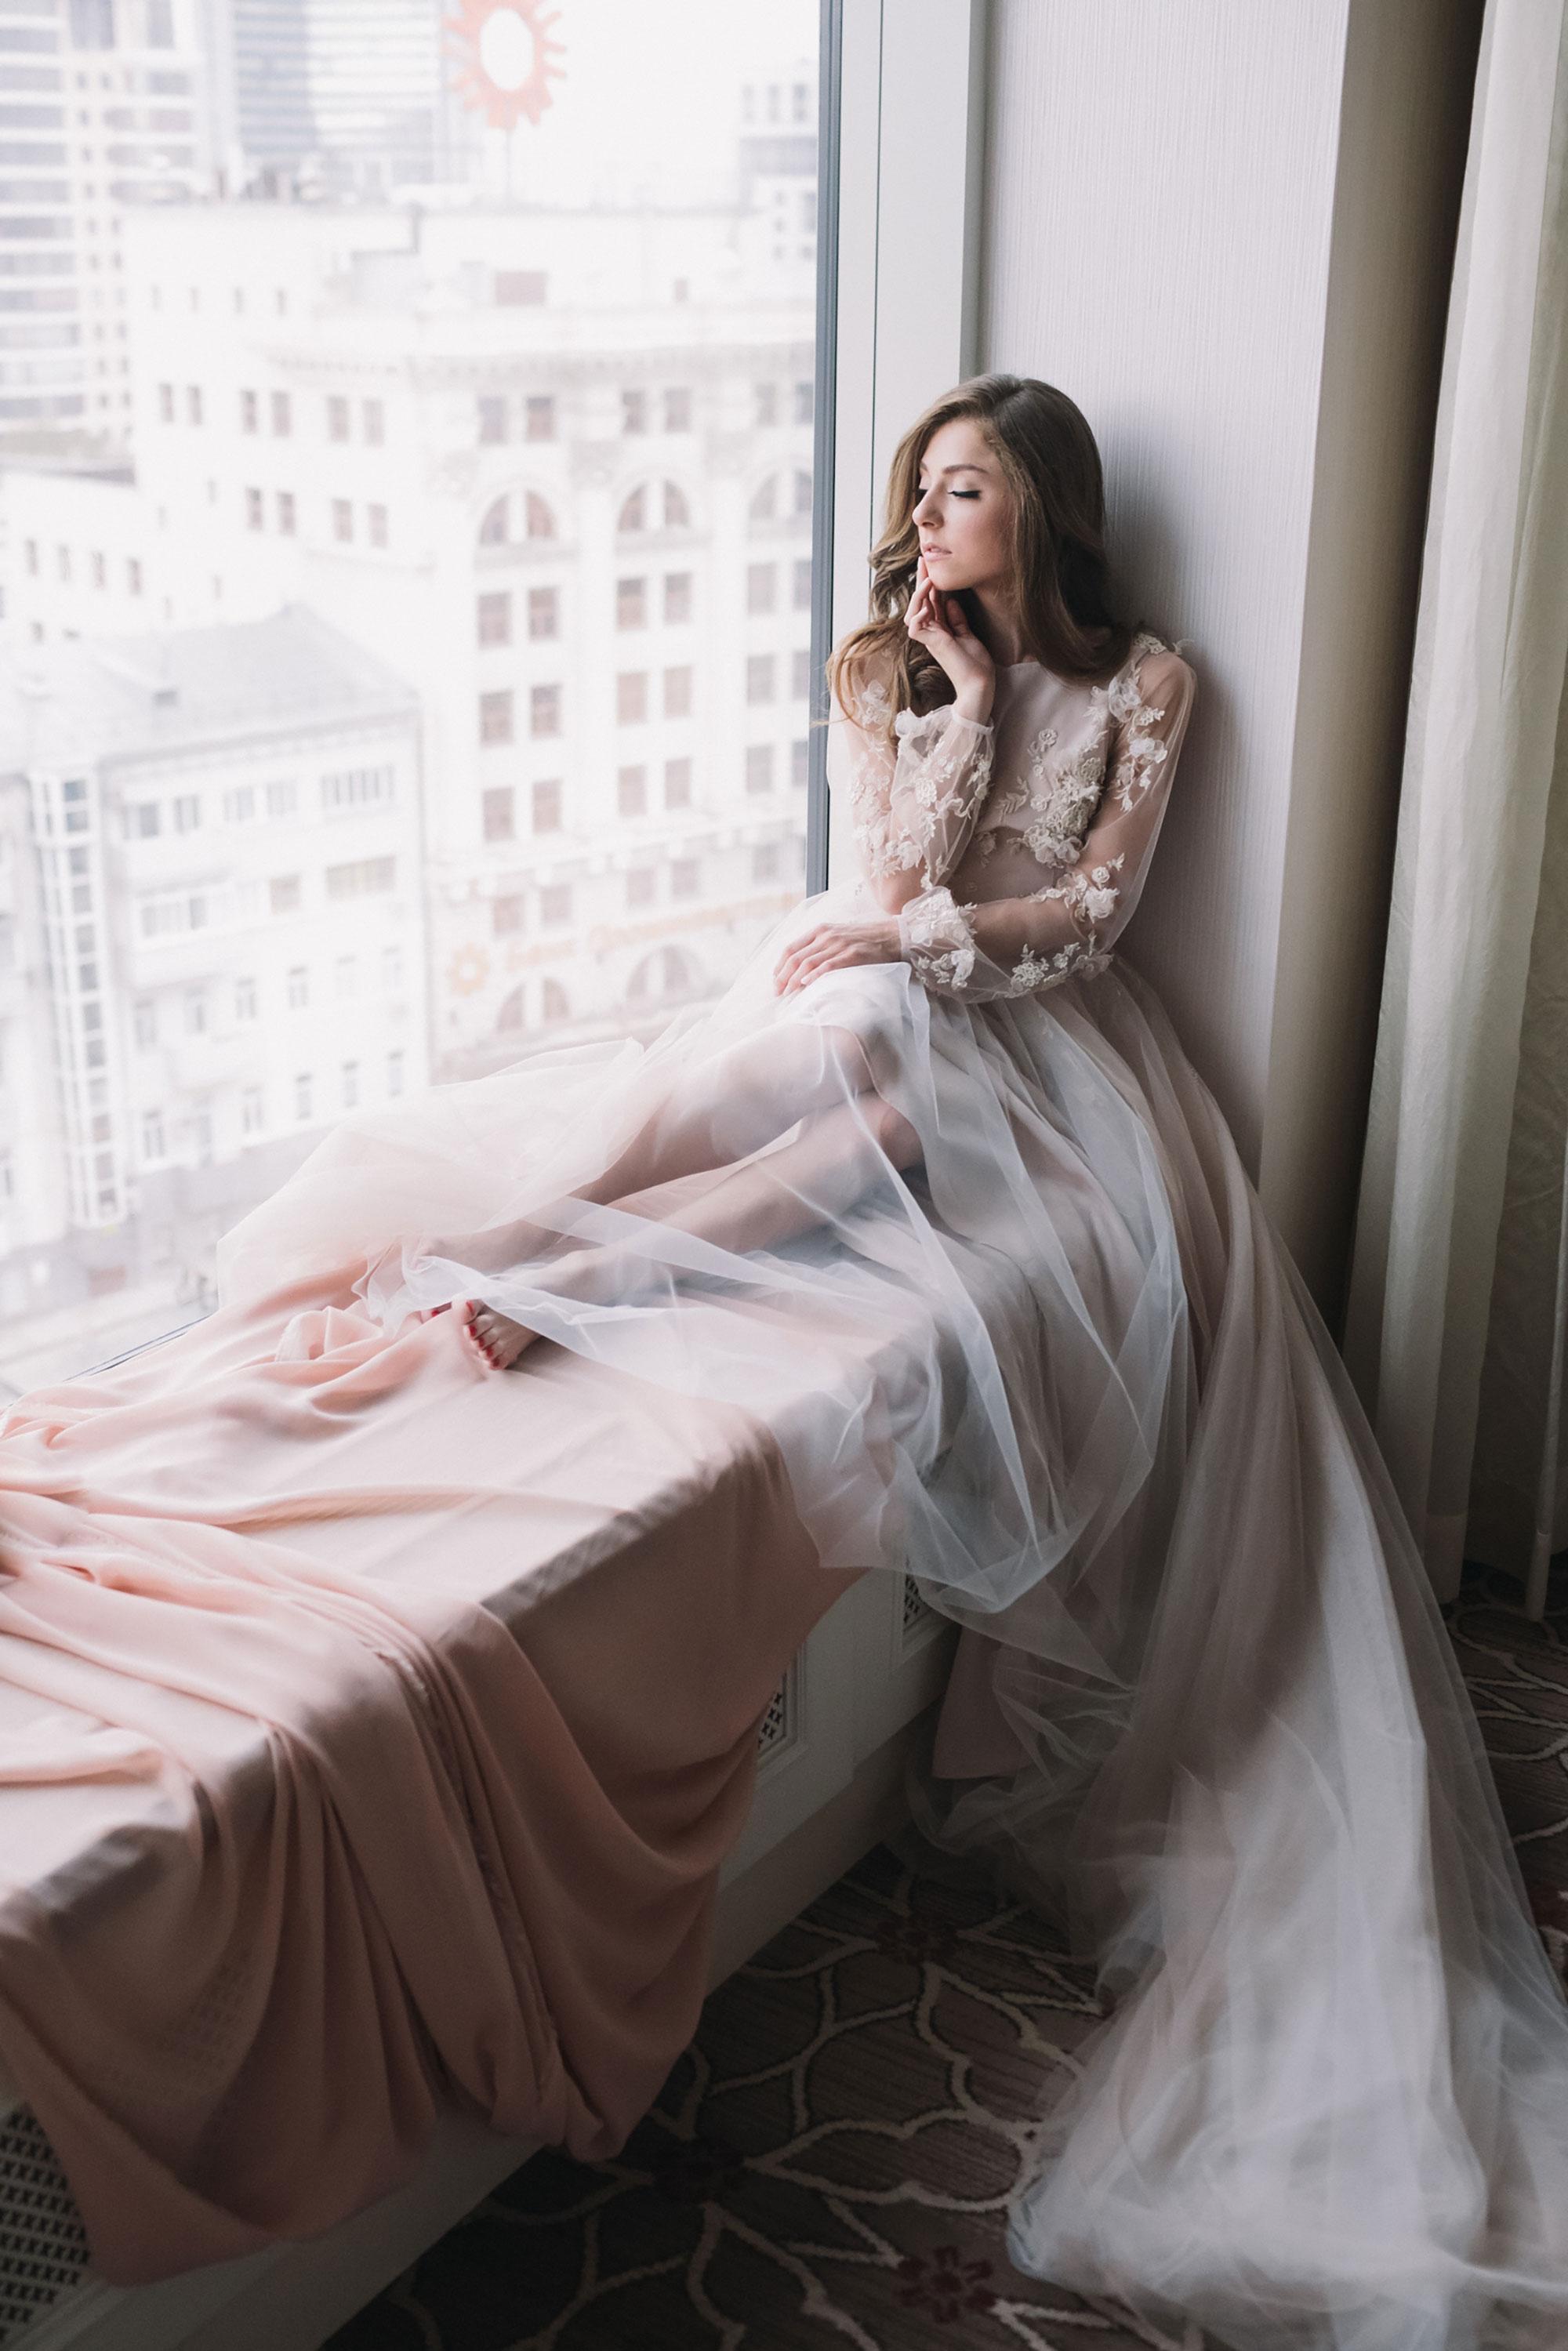 Как можно постирать свадебное платье в домашних условиях и не испортить – практическое руководство